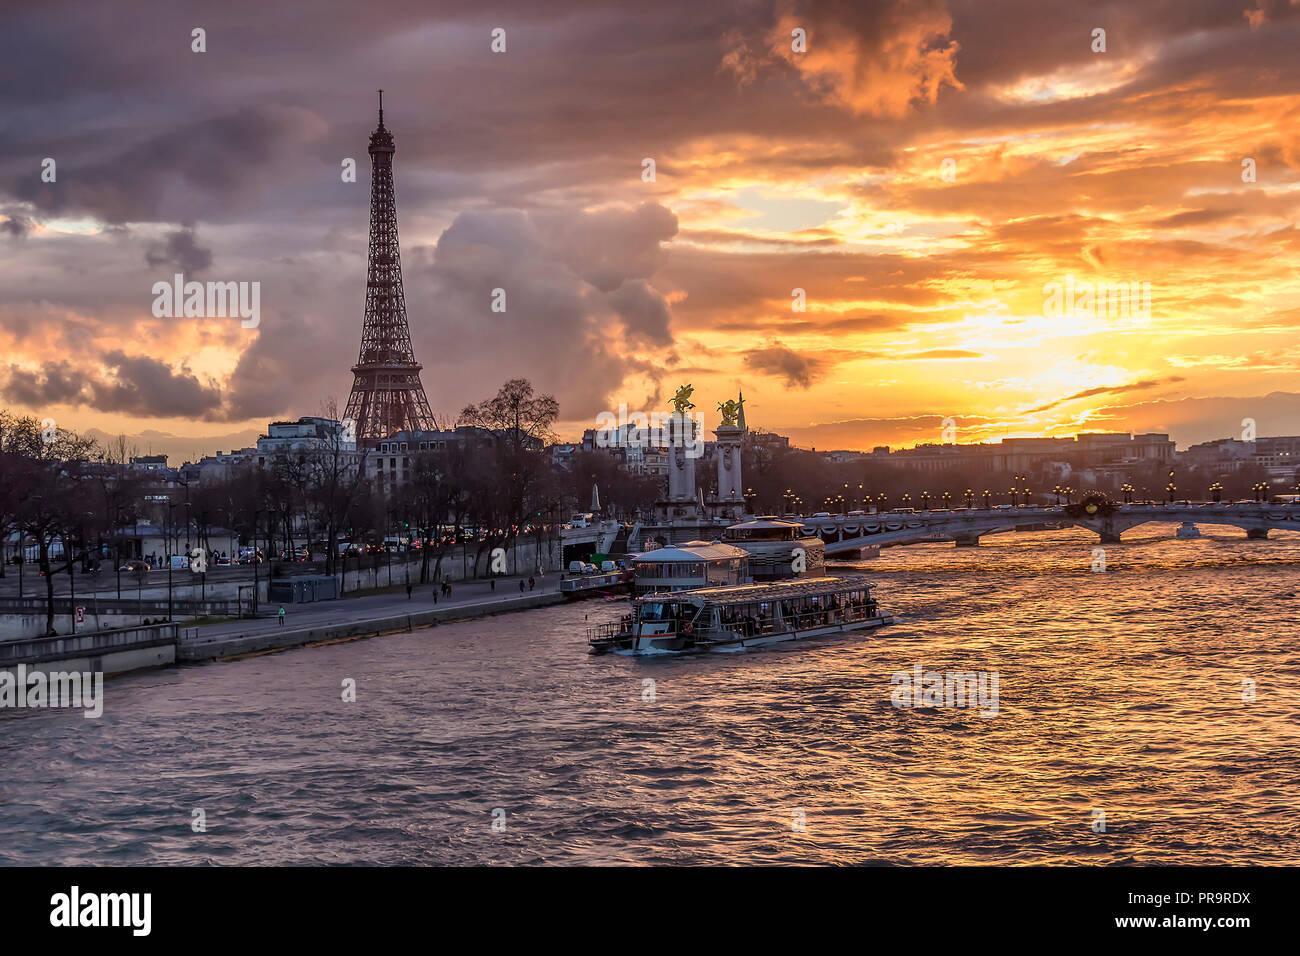 Un tramonto meraviglioso a Parigi, con Senna, Pont Alexandre III e Torre Eiffel Immagini Stock